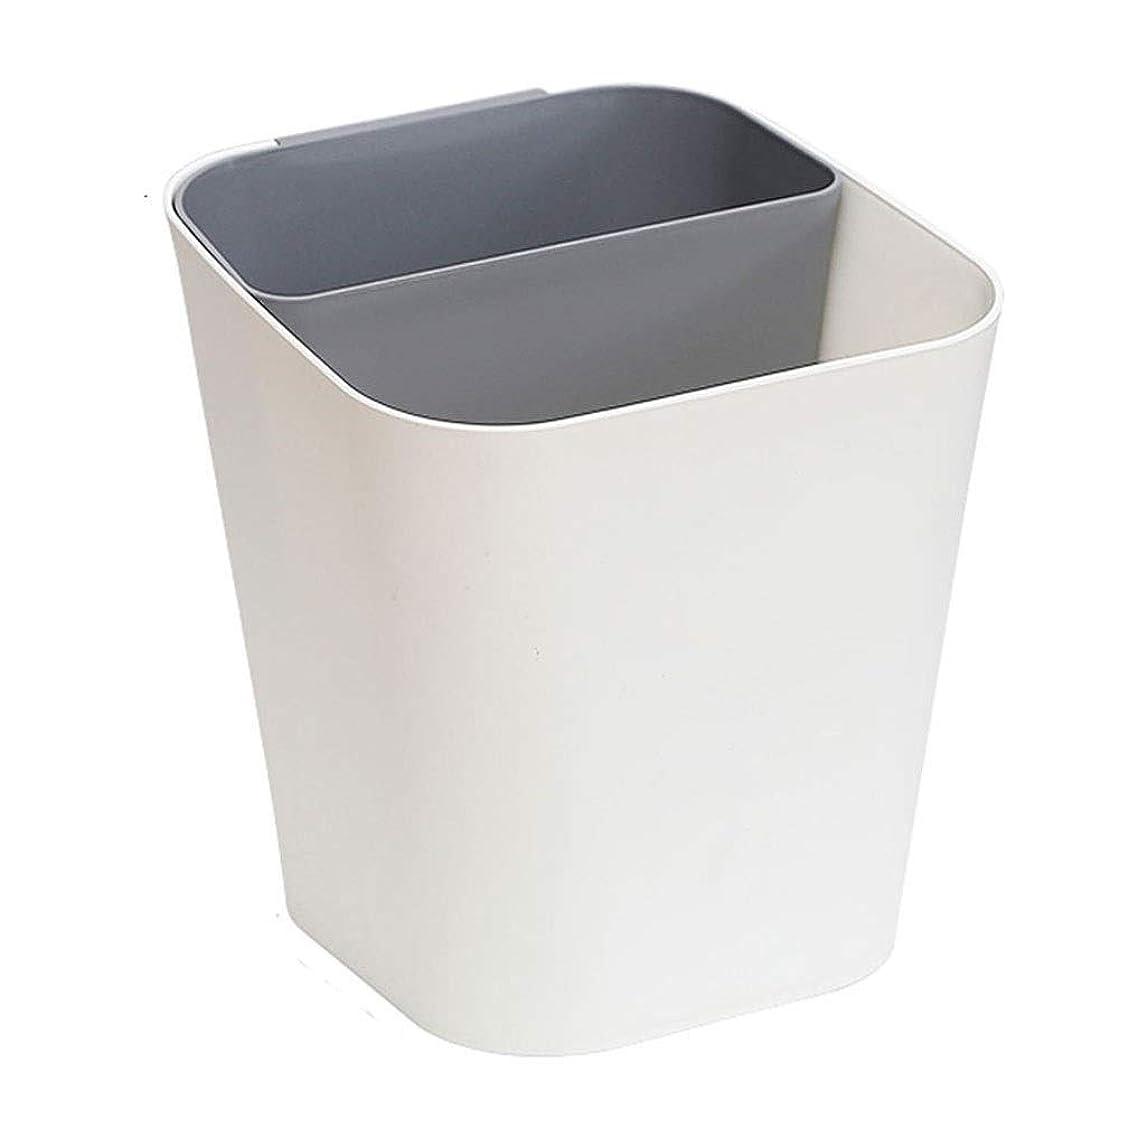 注釈予約緊張ゴミ箱丈夫なゴミ箱 シンプルなスタイル乾式および湿式分離ゴミ箱クリエイティブホームリビングルームキッチンプラスチックゴミ箱 バスルーム、寝室、オフィス用 (Color : Gray, サイズ : S)